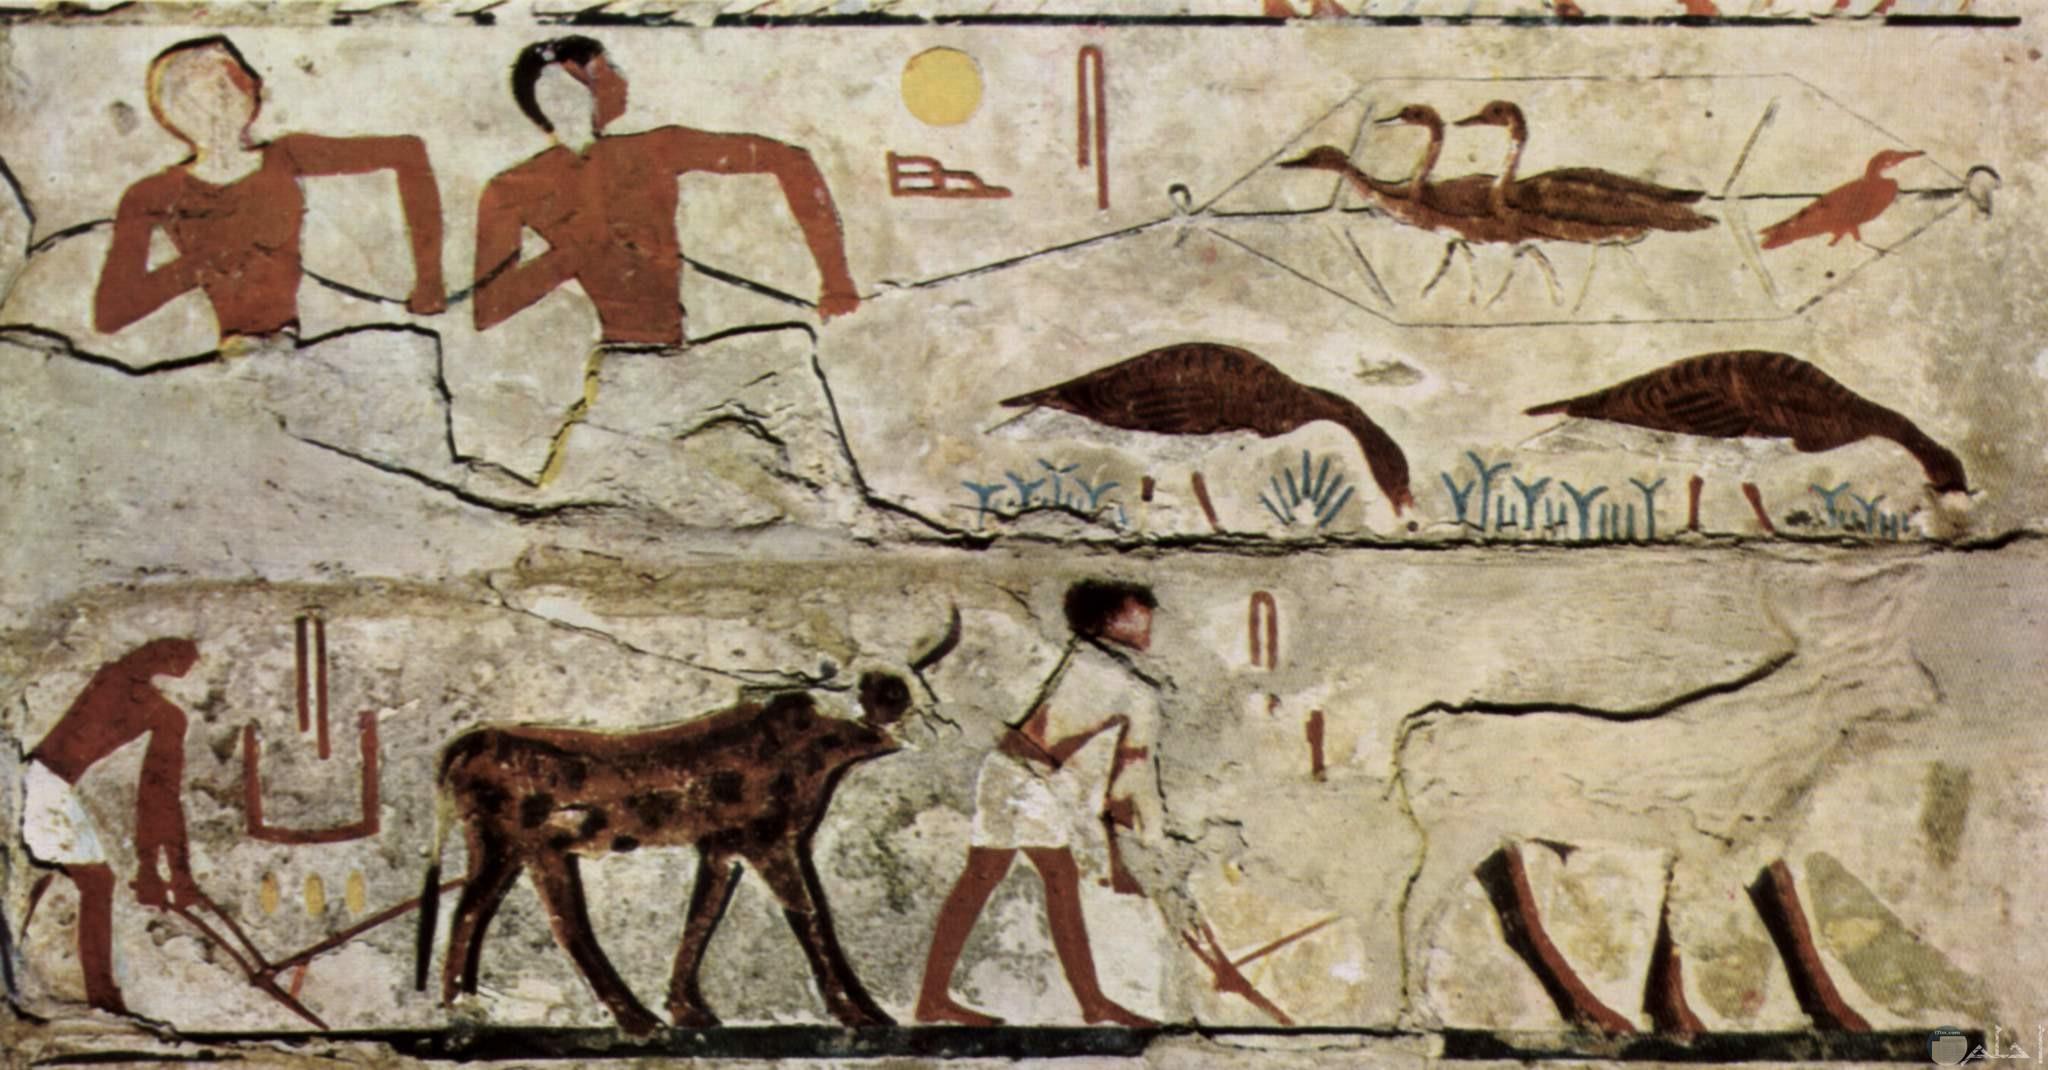 رسمة فرعونية للصيد و أعمال الزراعة في الحقول.